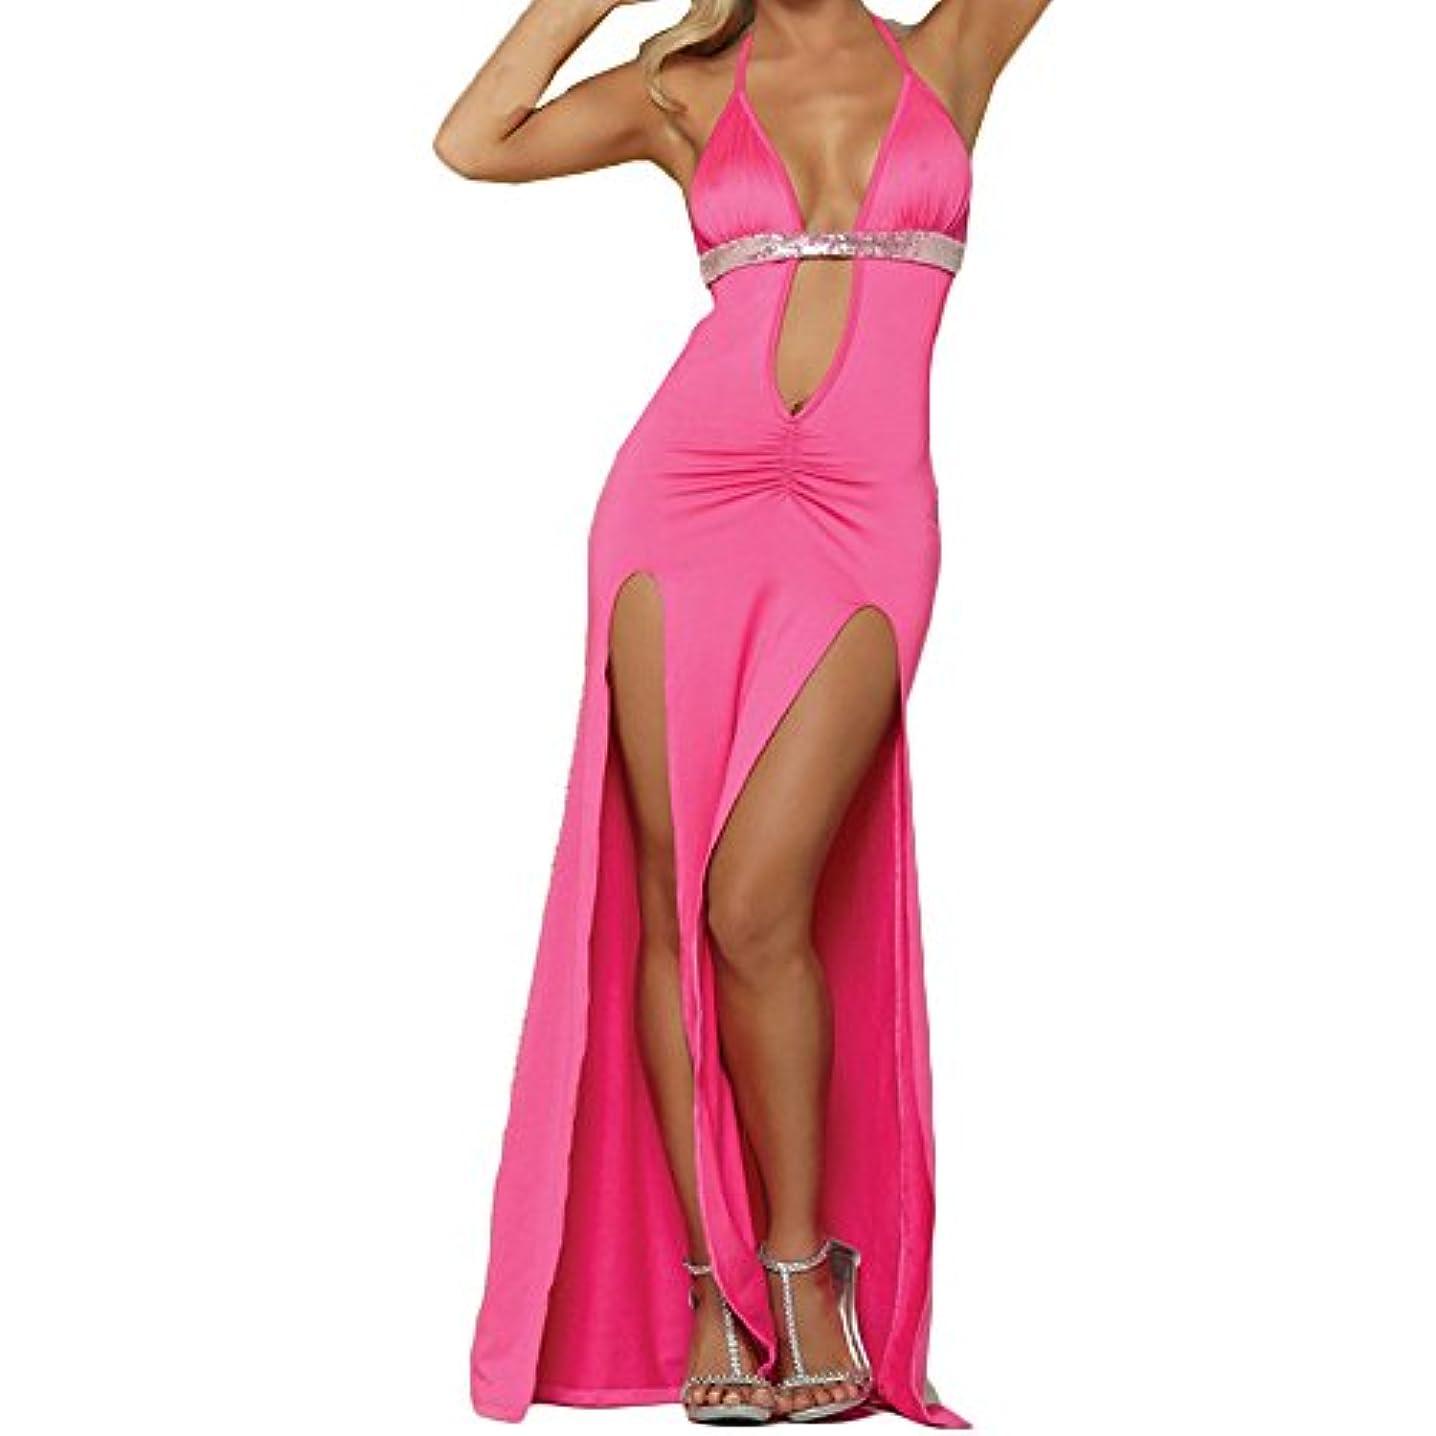 スペイン説明的タービン誘惑オープン胸ディープVセクシーなロングナイトドレスエロ下着かわいい 過激 透け キャミソール 情趣 女性 エロ下着 アンダーウェア ビキニ 全身 レース 軽量シースルー スリム 福袋